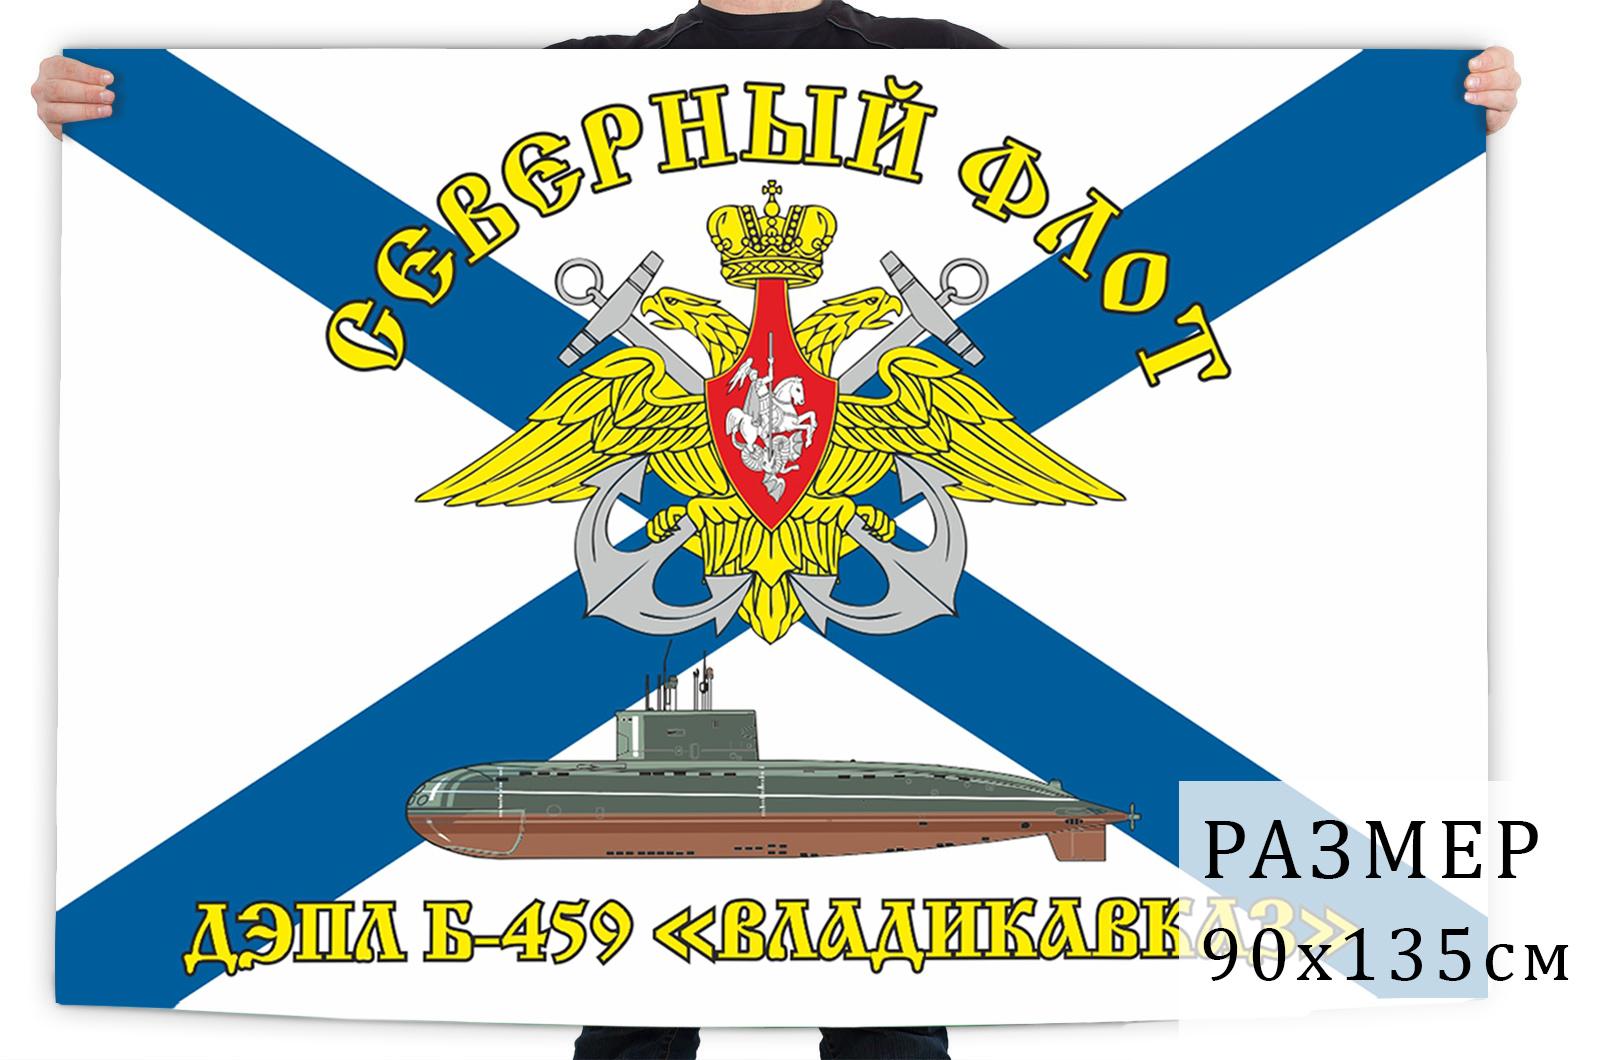 Купить онлайн флаг ВМФ Б-459 Владикавказ Северный флот